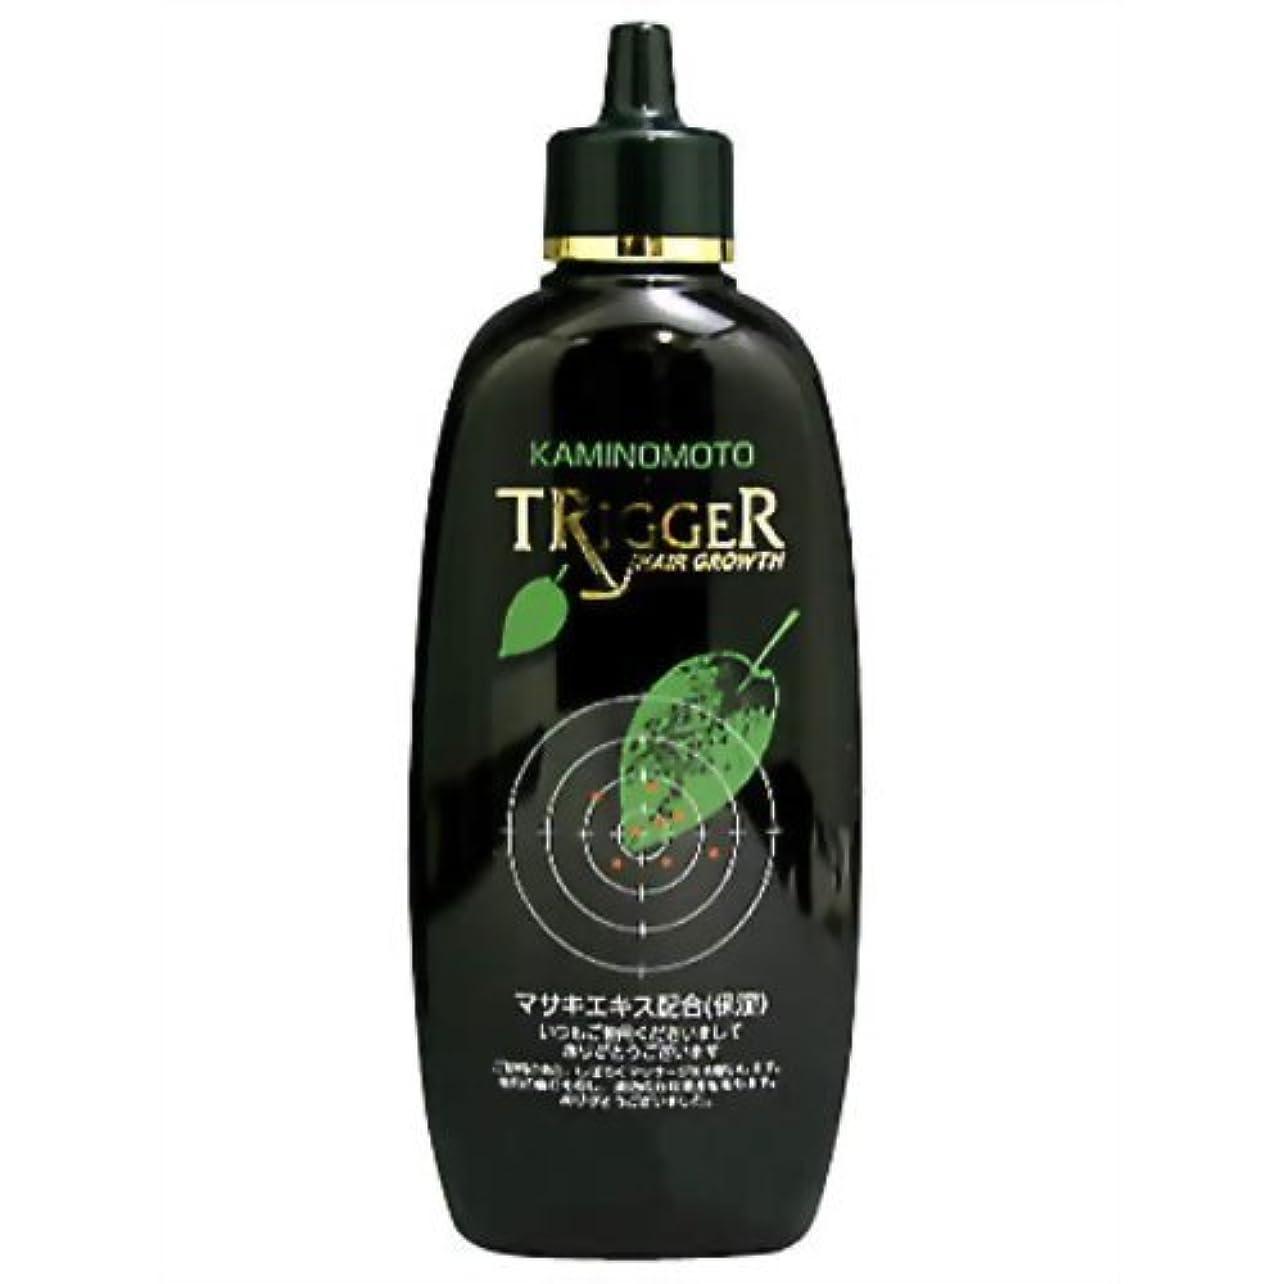 ダーリン野菜ブリーフケース薬用発毛促進剤 トゥリガー